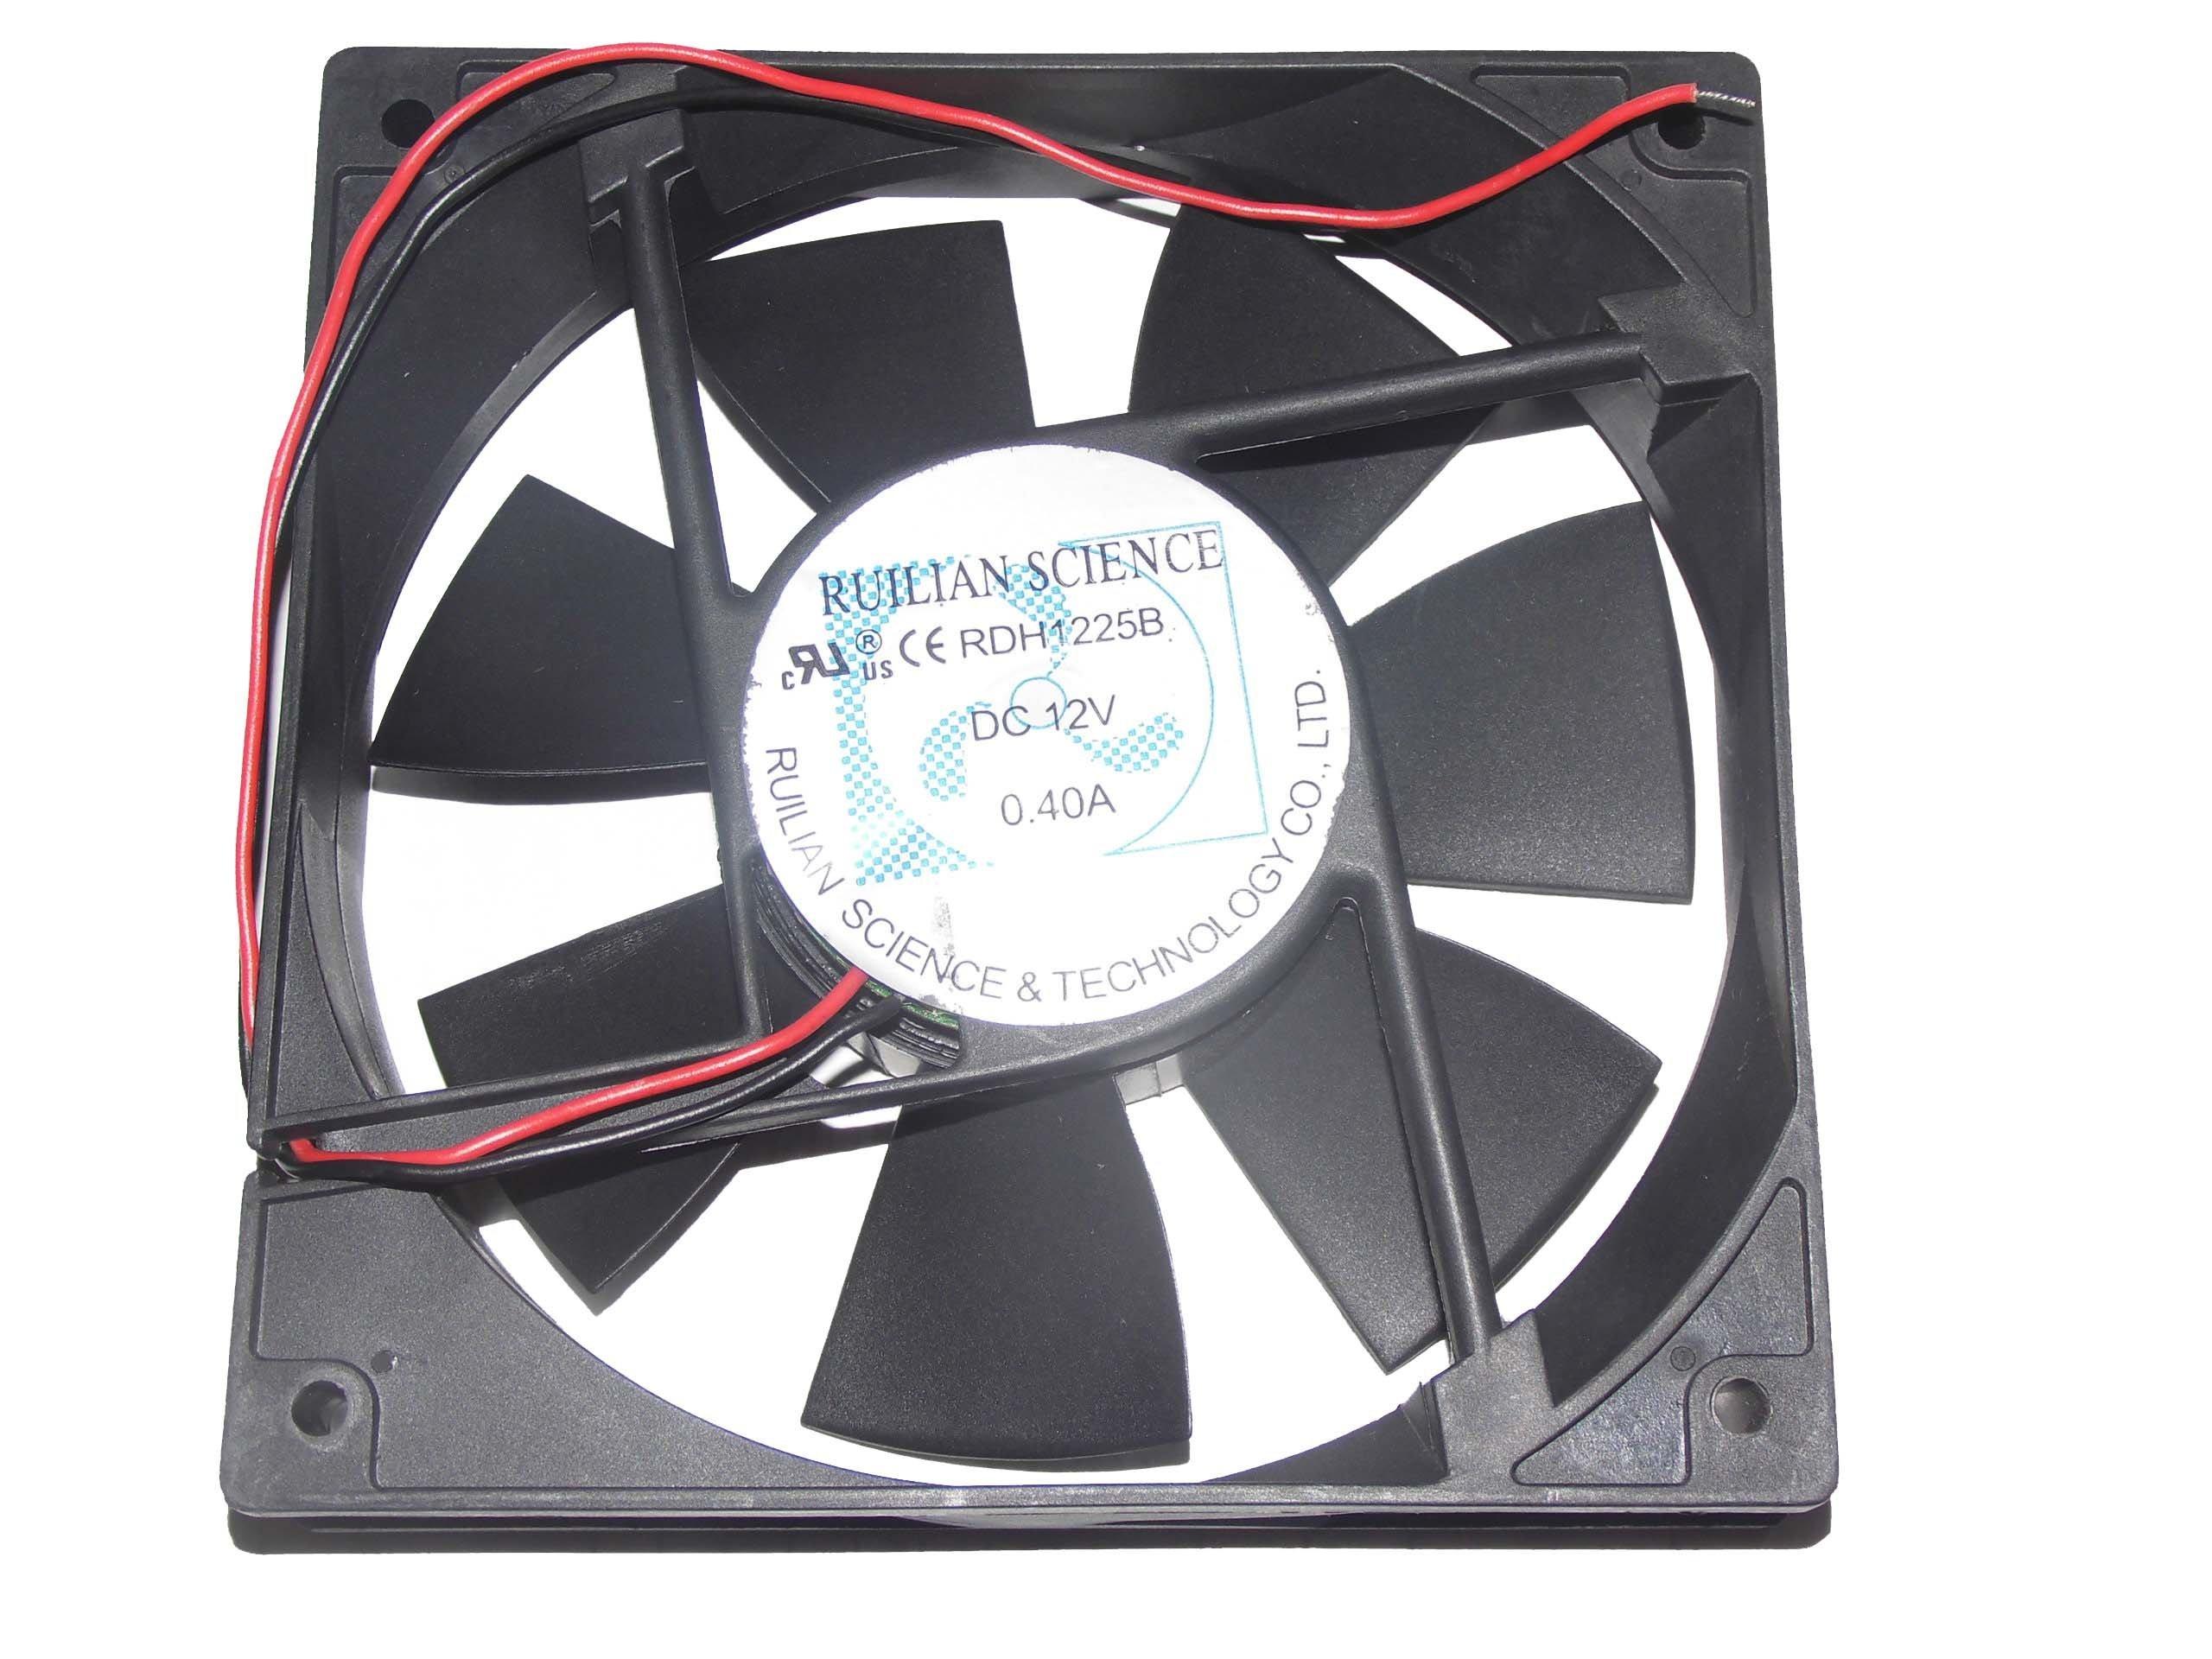 120x120x25mm RDH1225B 12V 0.40A 2Wire 12cm Case Fan